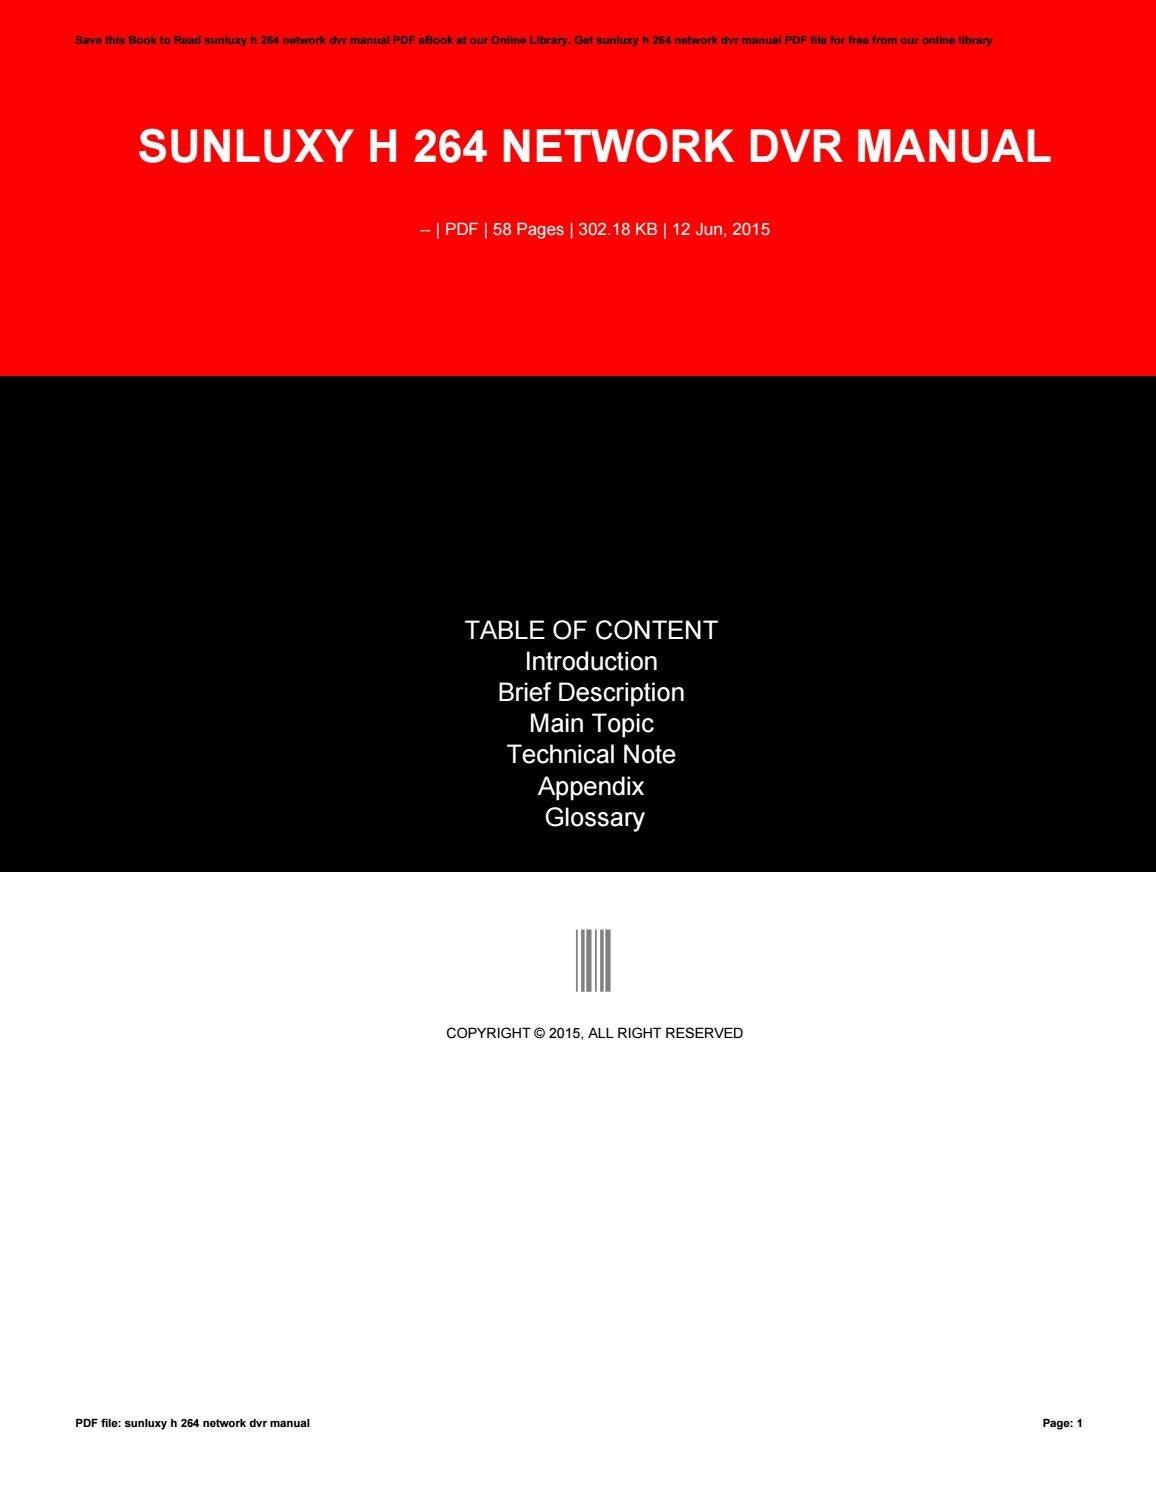 h 264 network dvr manual pdf